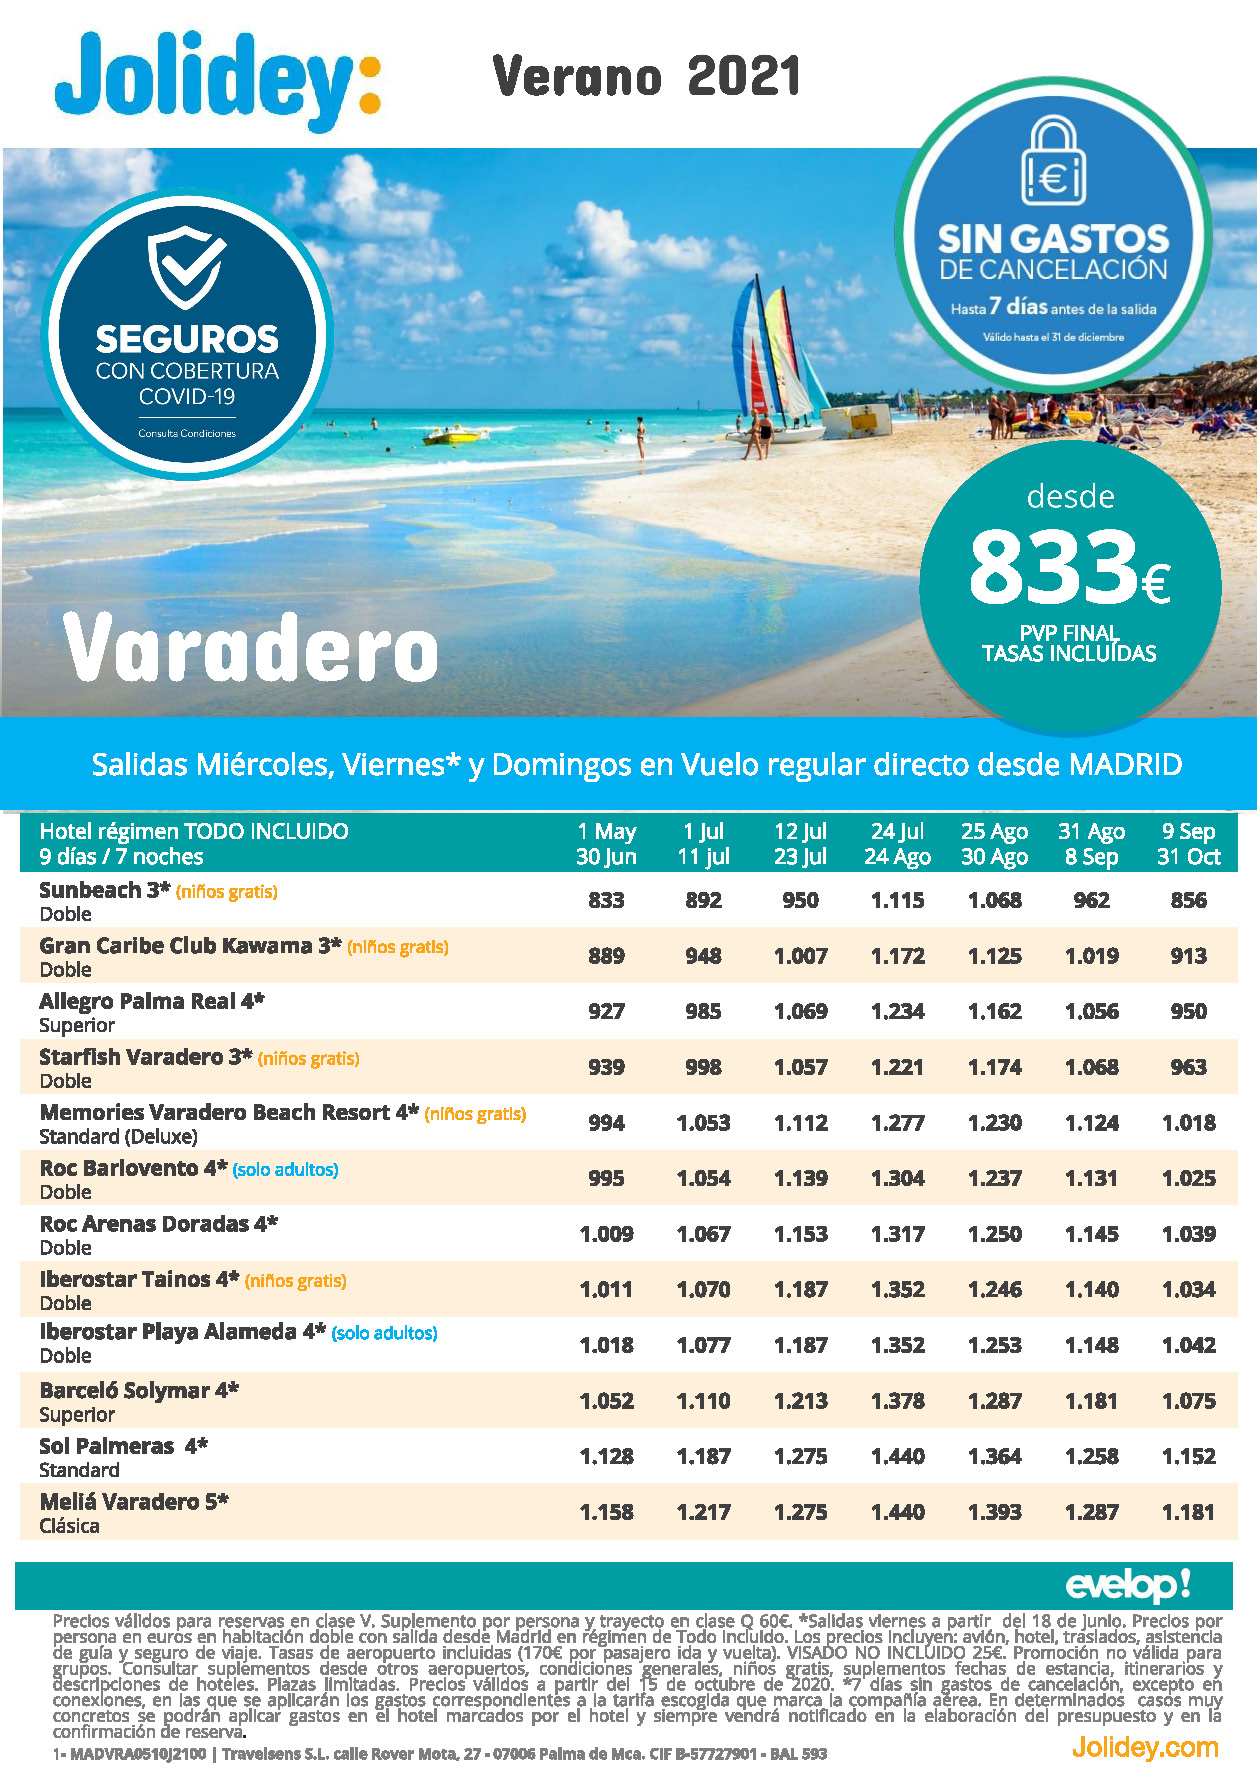 Oferta Jolidey Estancias en Varadero Cuba Verano 2021 vuelo directo desde Madrid